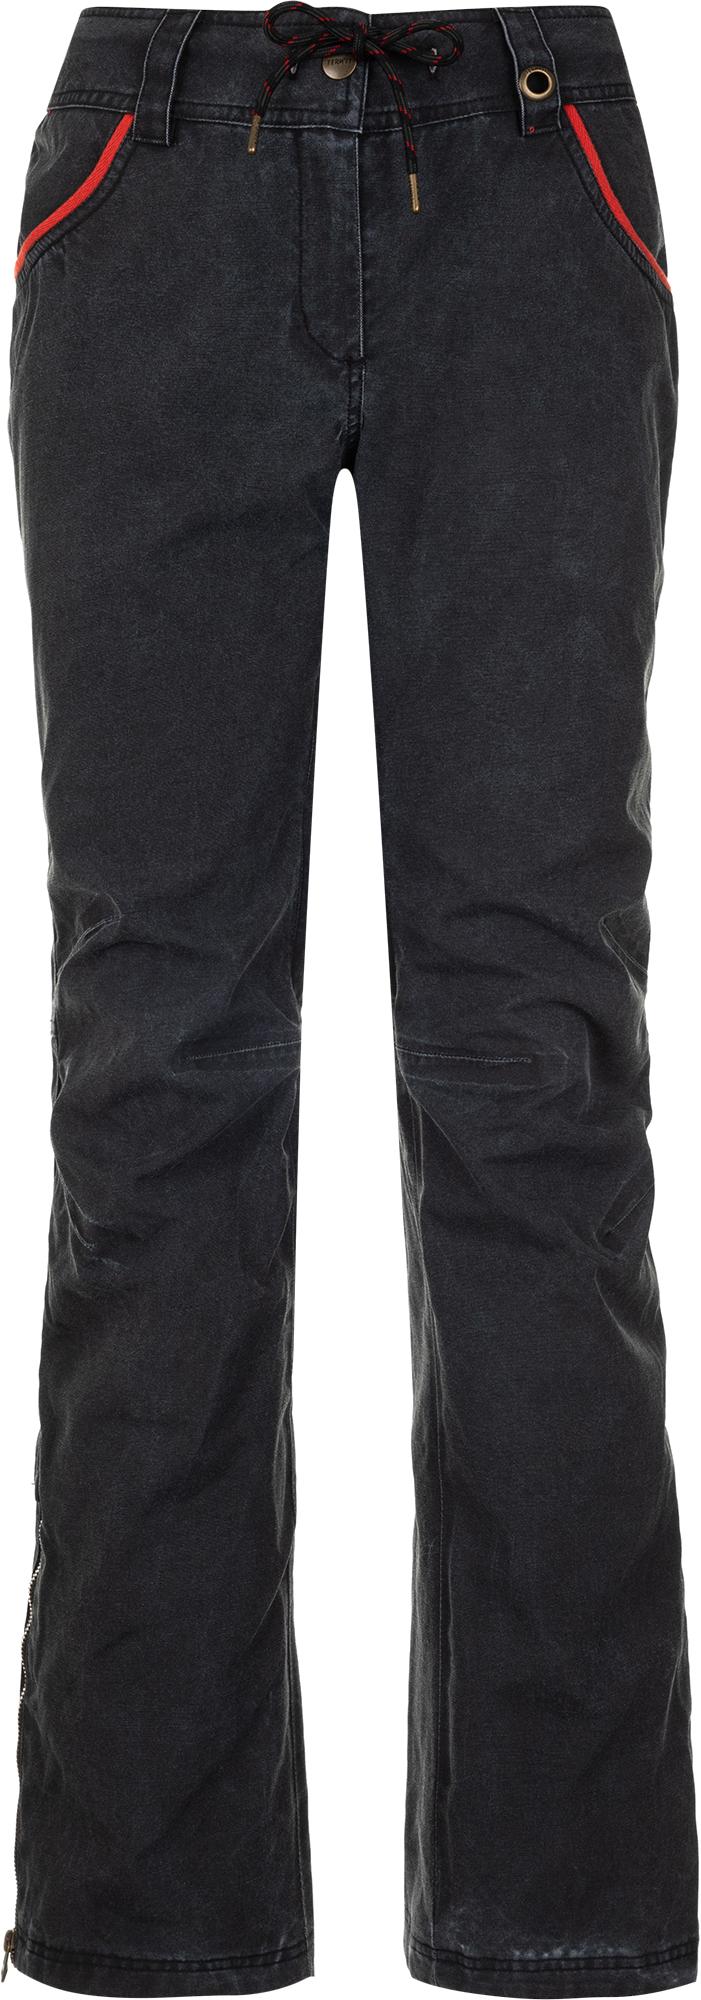 Termit Брюки утепленные женские Termit, размер 48 брюки утепленные женские termit women s trousers цвет черный a19atepaw08 99 размер xl 50